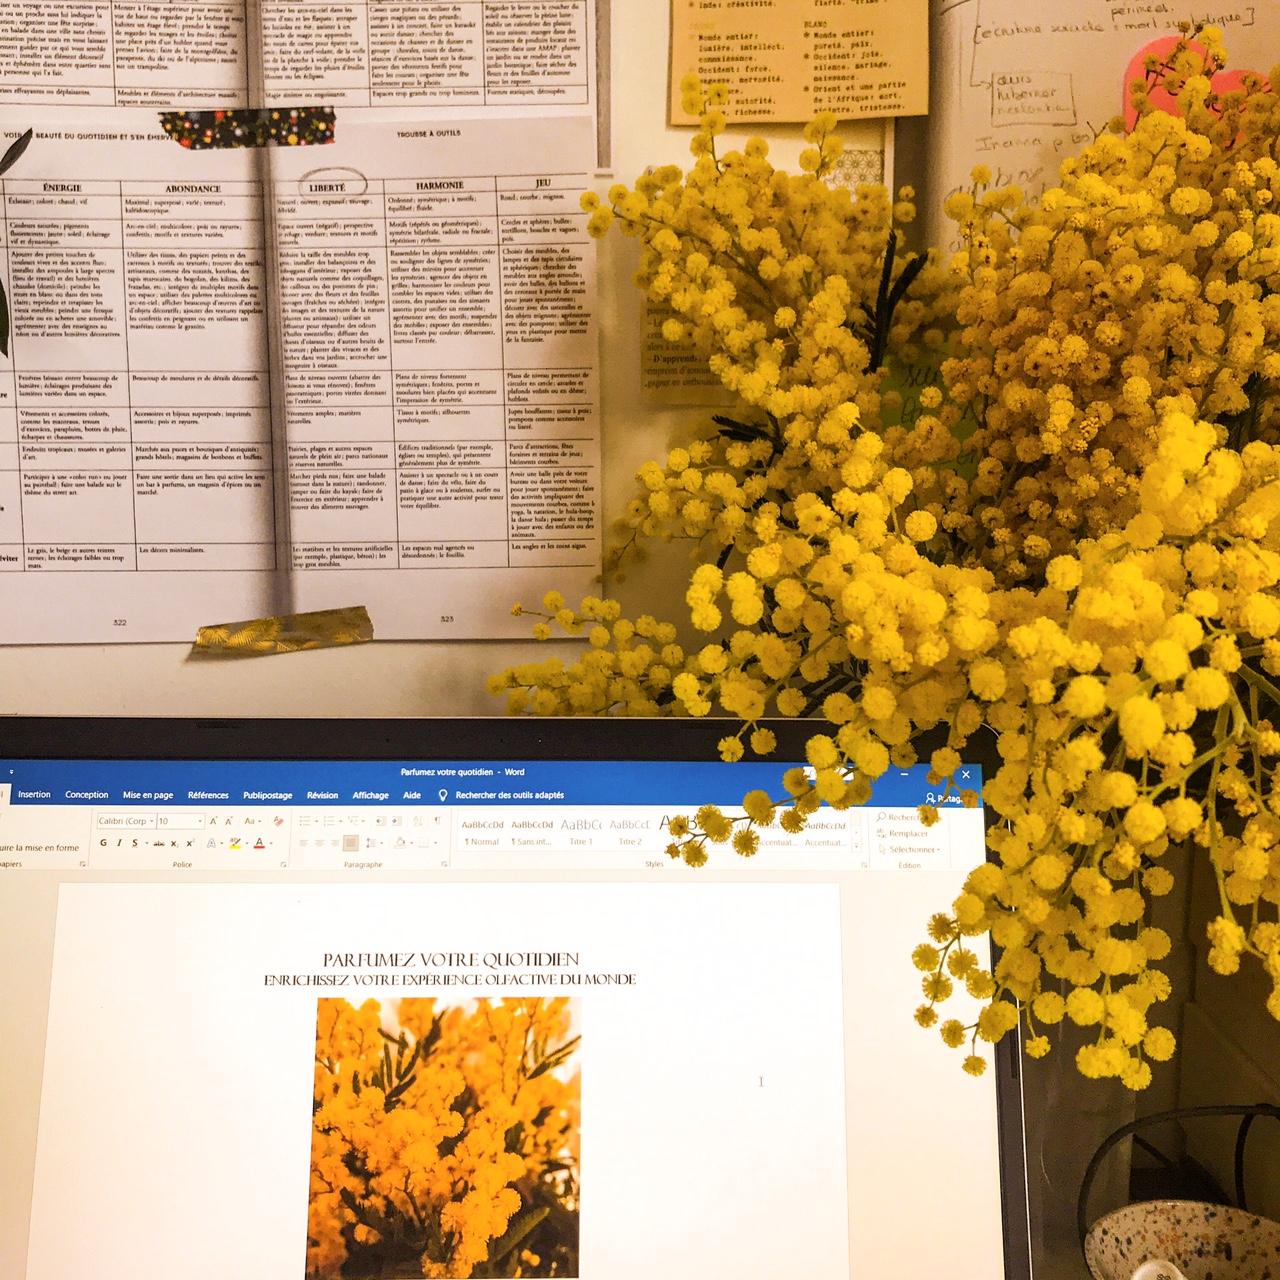 Ecrire dans l'odeur du mimosa